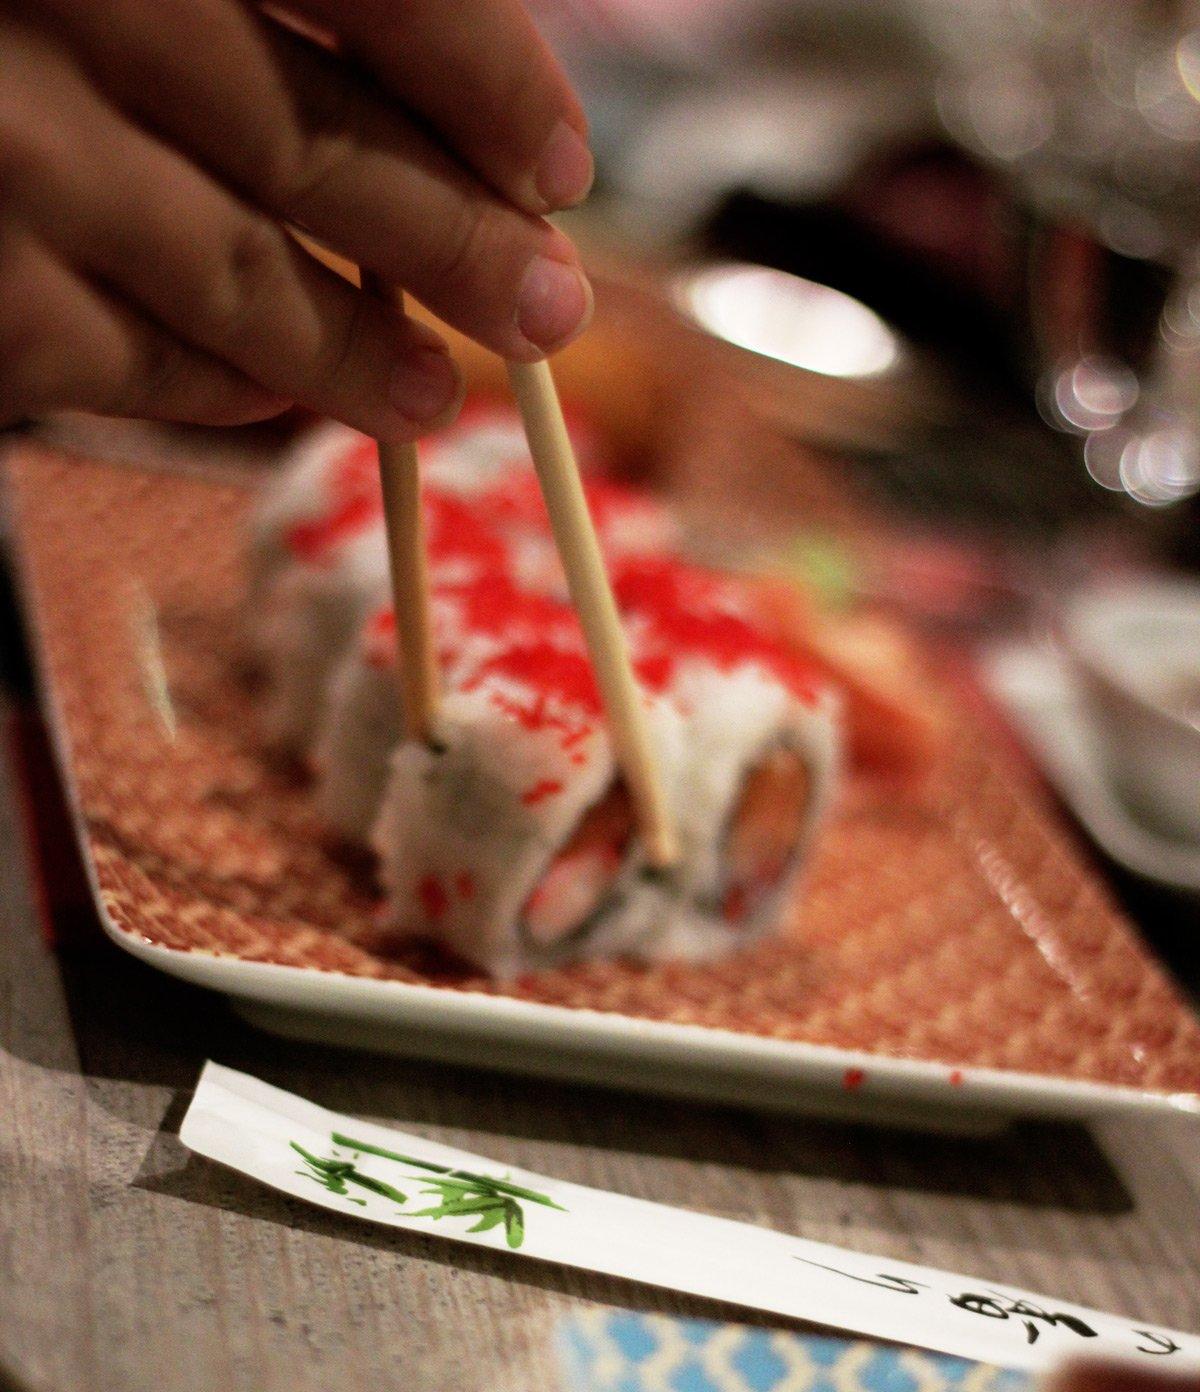 conny-doll lifestyle: Es geht weiter mit der Schiffsreise - meine Kreuzfahrt in Zahlen, Sushi, Fischmarkt, Mein Schiff 1, TuiCruise, Kreuzfahrt, Seereise